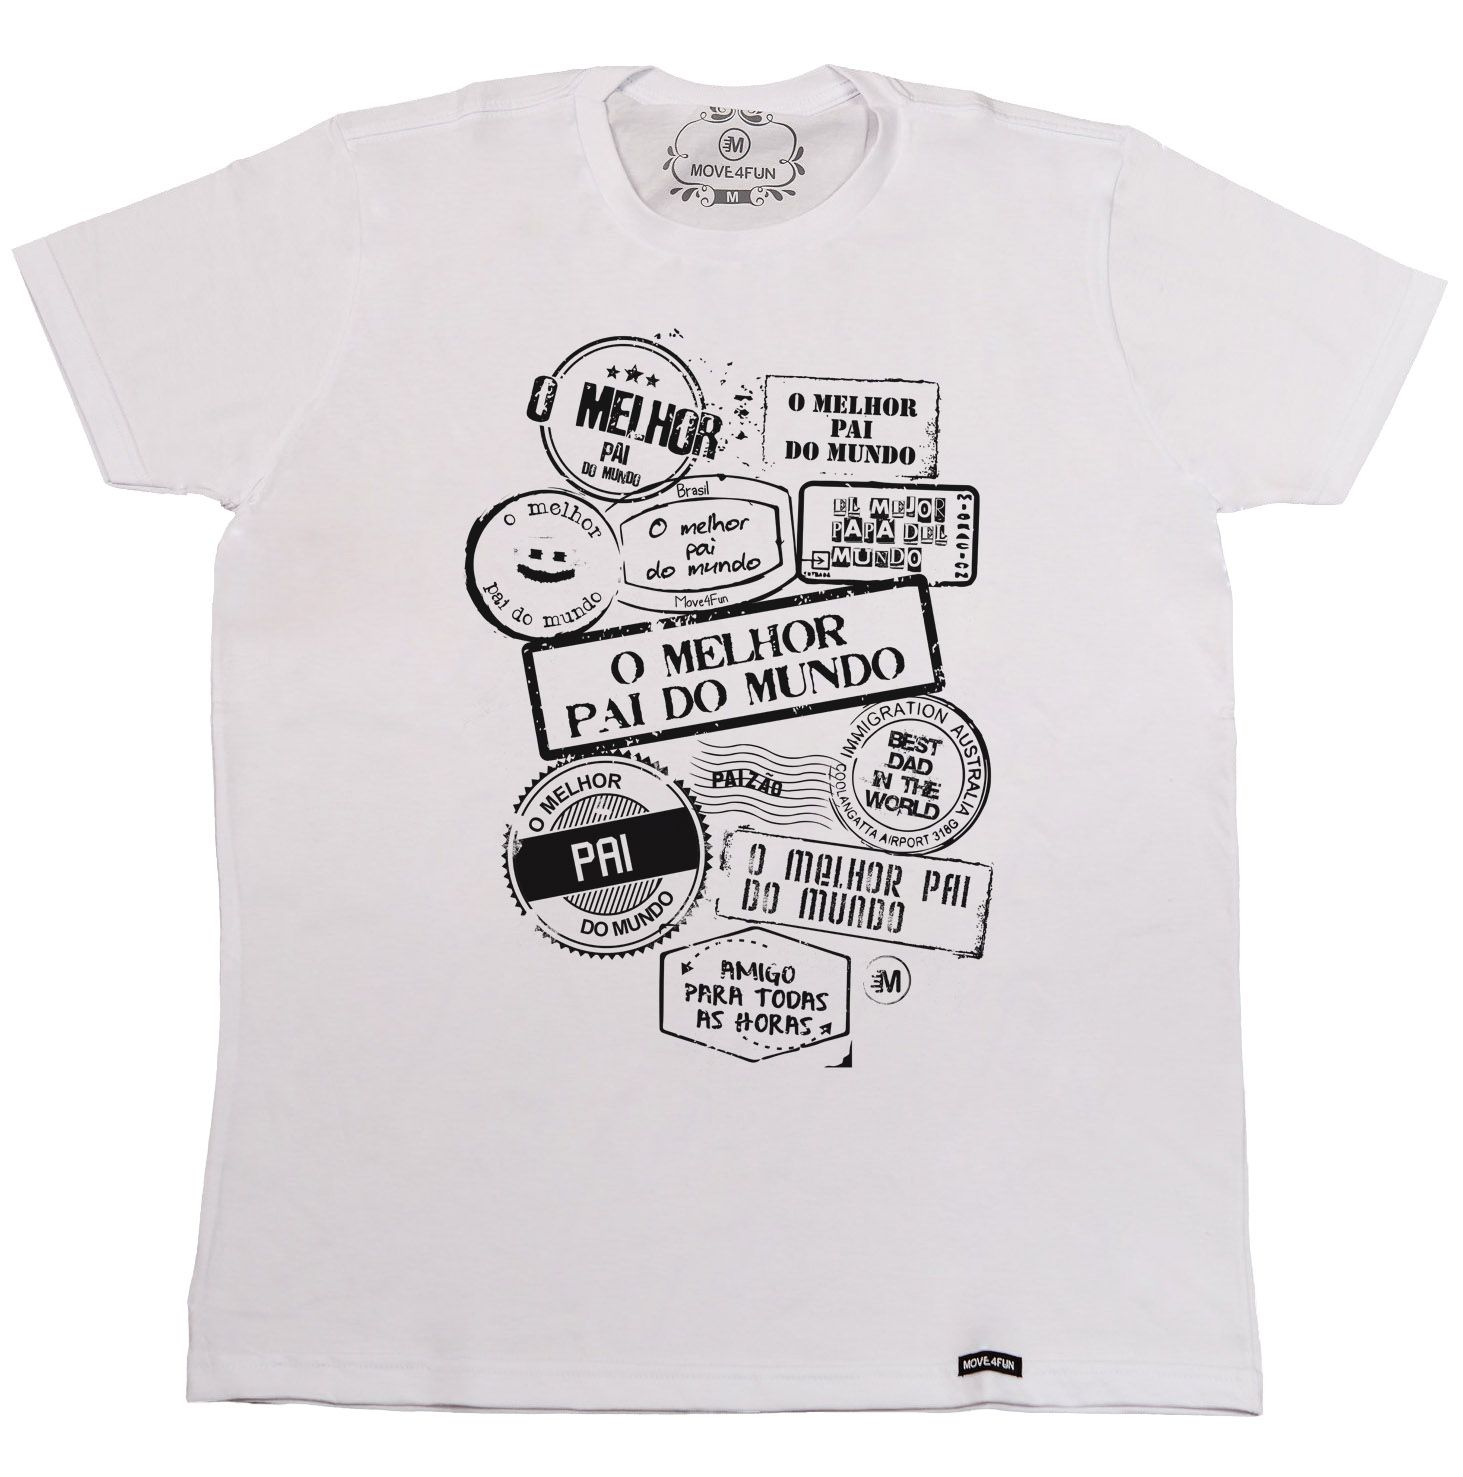 da0beaa5b07 Camiseta O melhor pai do mundo   Move4Fun